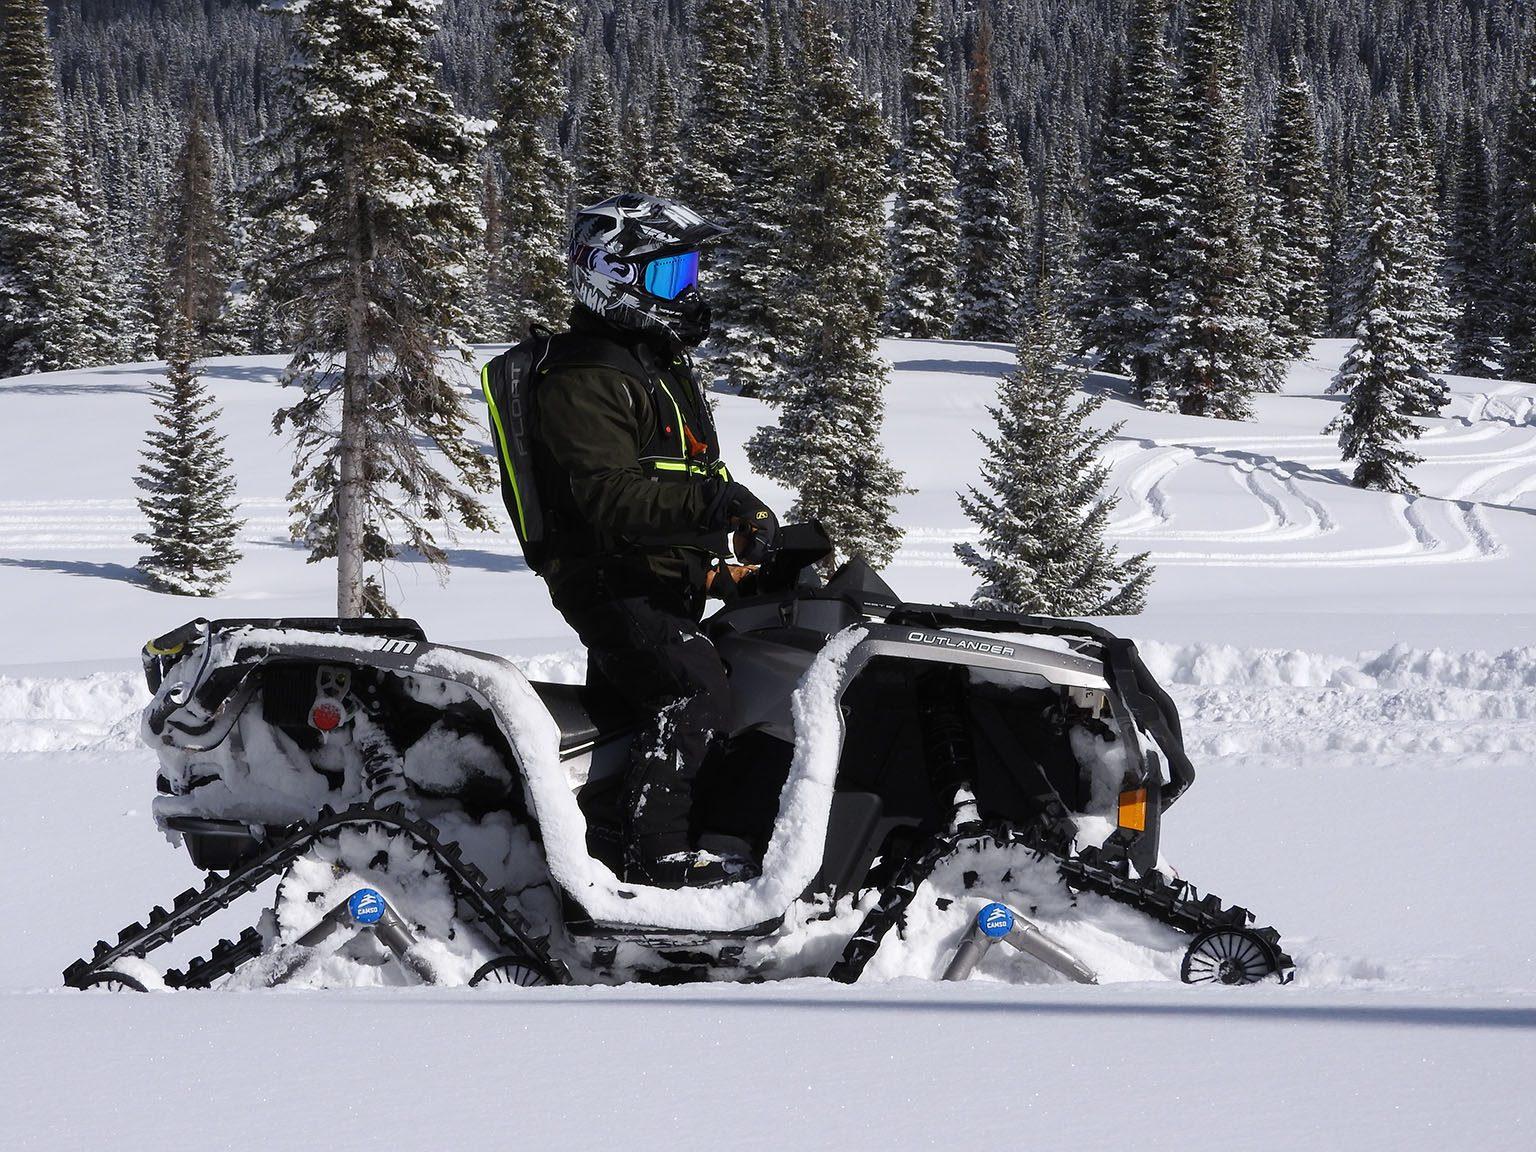 Atv Utv Snow